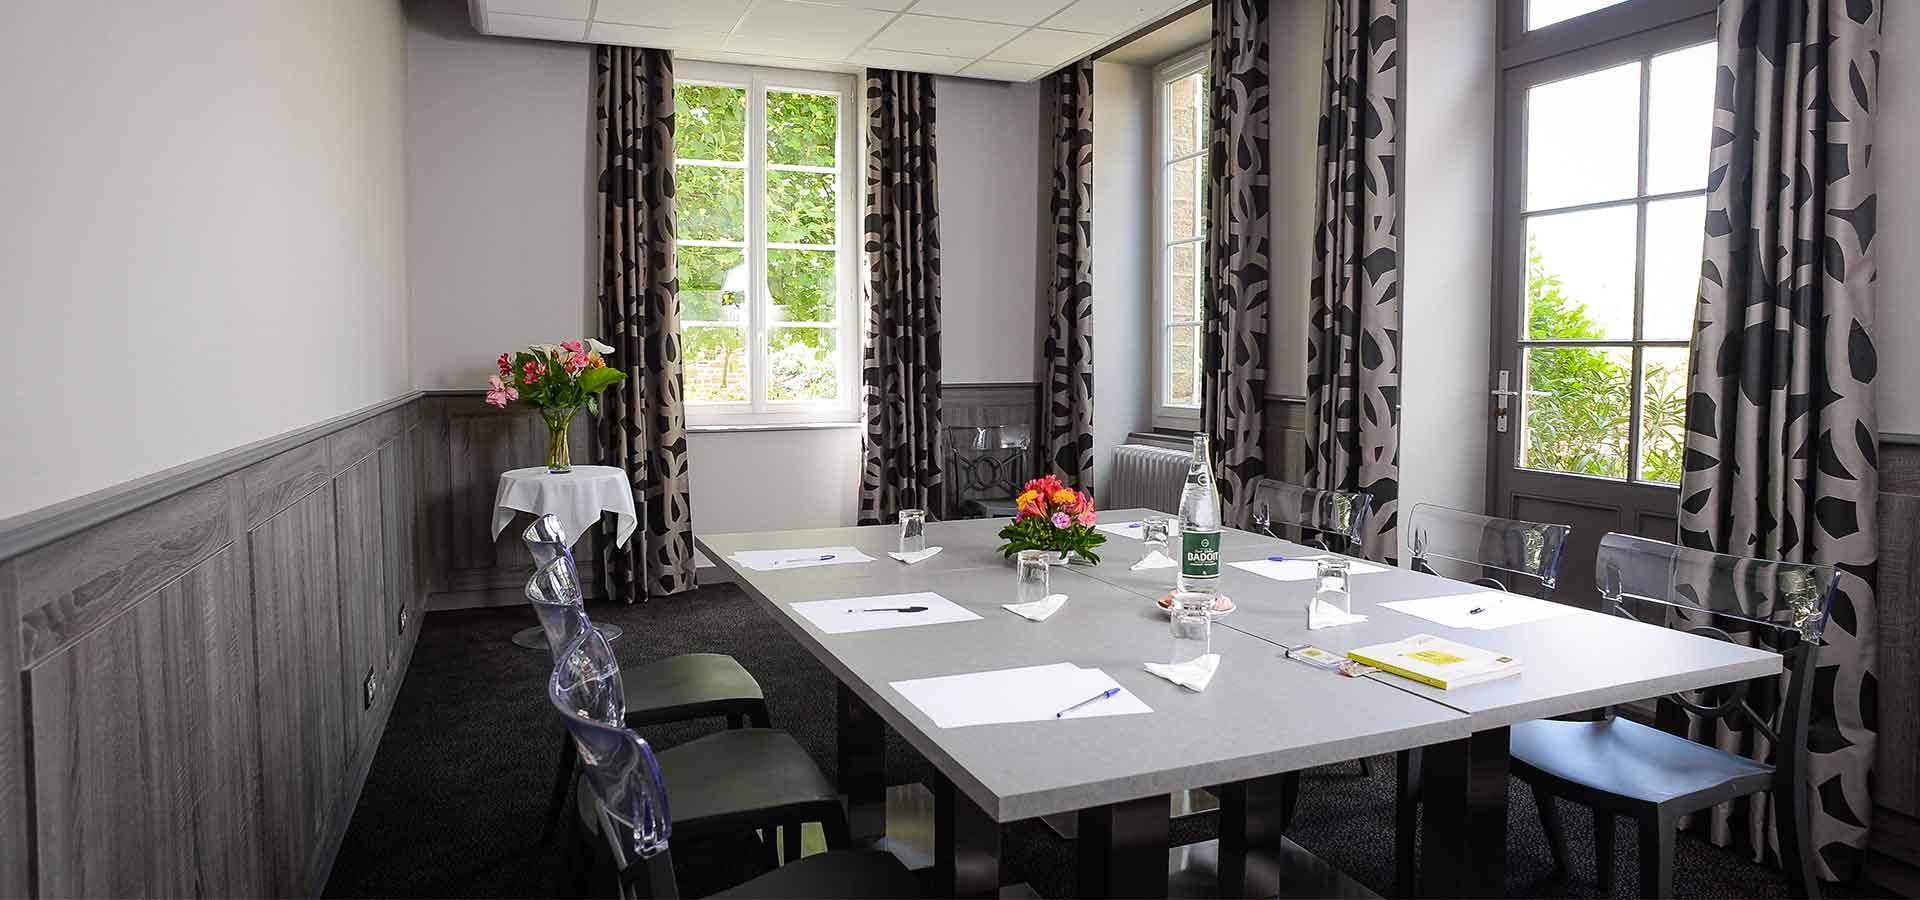 Vos réunions professionnelles et séminaires à Ducey près du Mont Saint-Michel